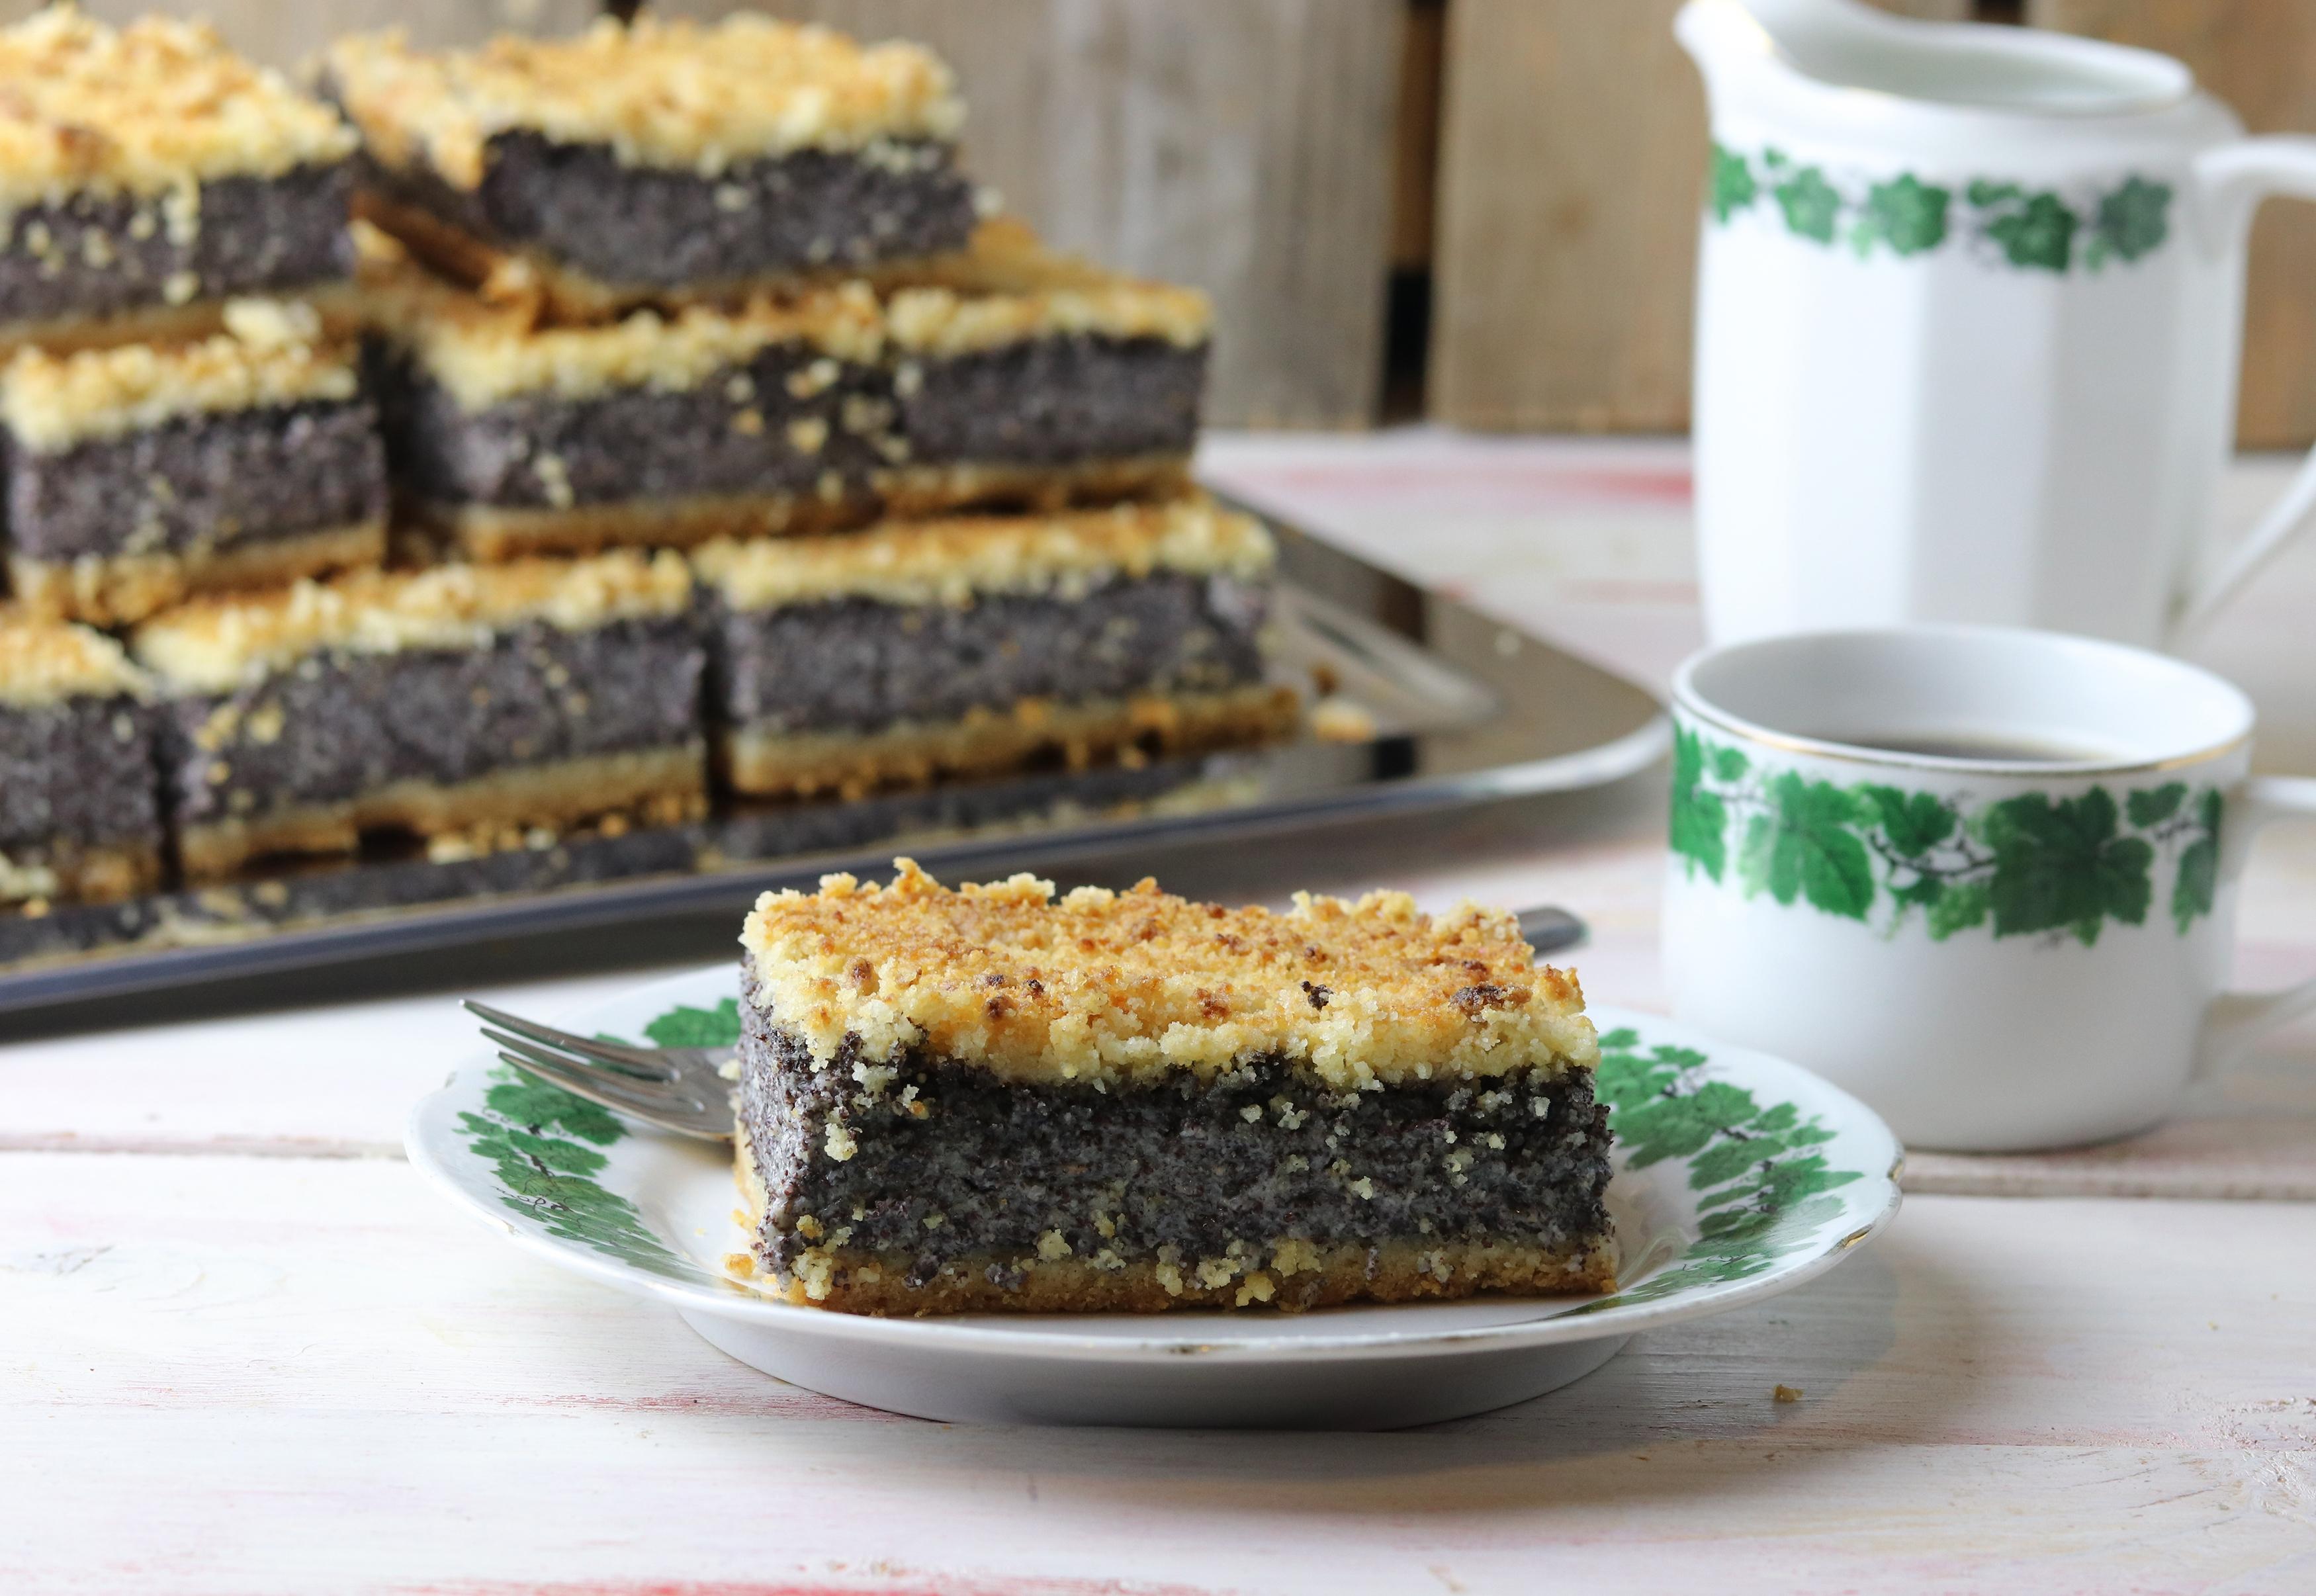 Mohnkuchen mit dicker Mohnschicht